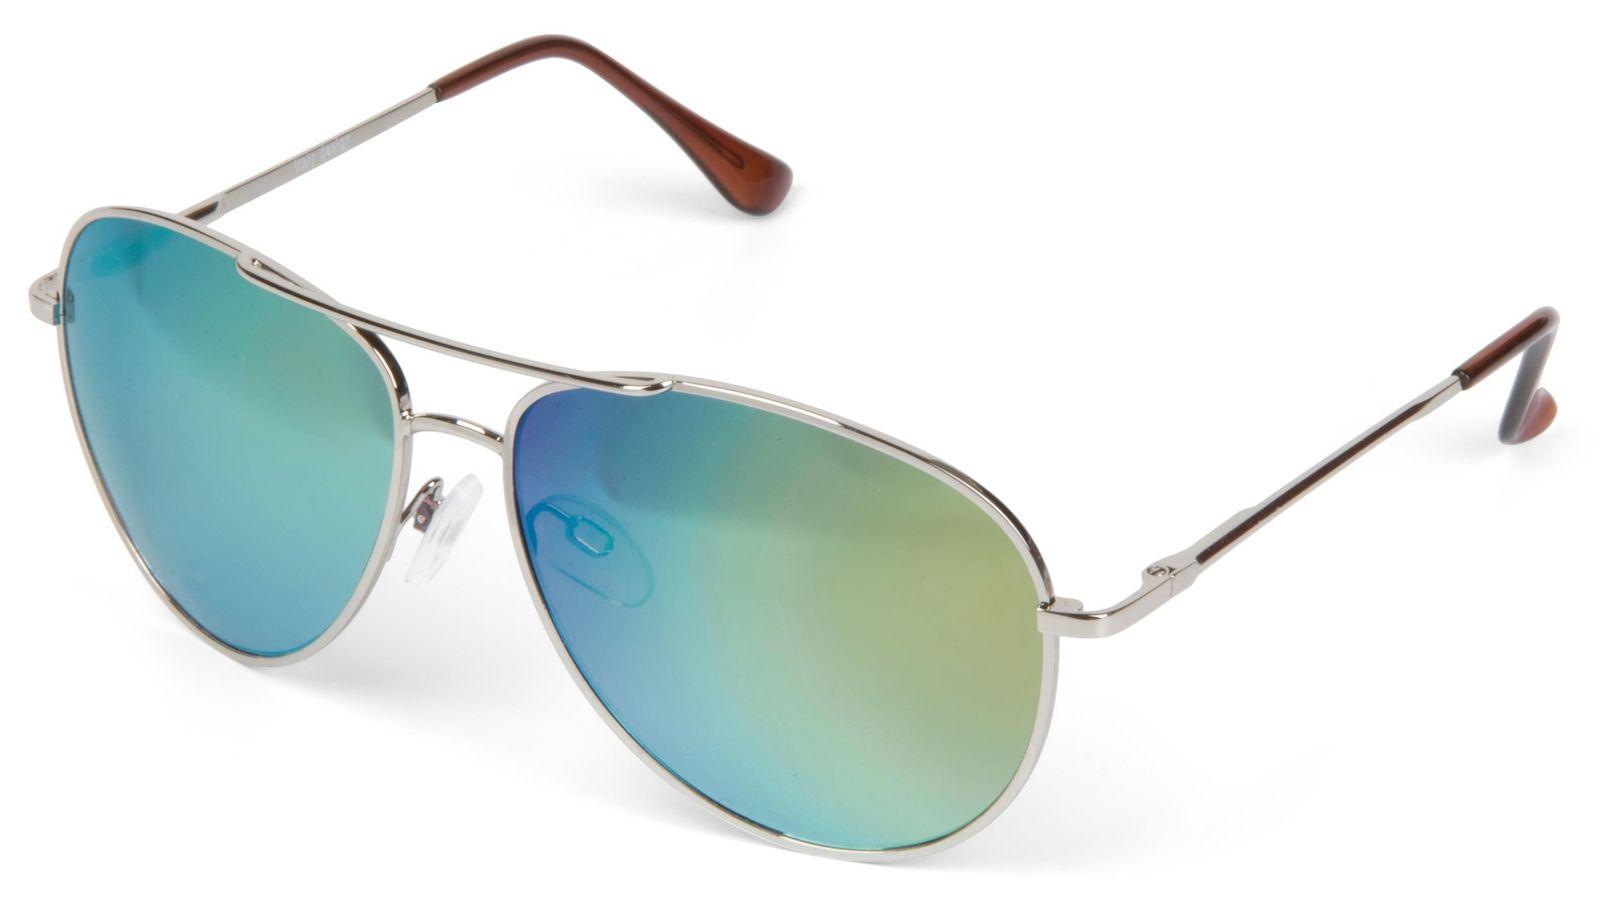 styleBREAKER Sonnenbrille verspiegelt, Aviator Pilotenbrille getönt mit Federscharnier, Unisex 09020037, Farbe:Gestell Silber / Glas Grün, V18